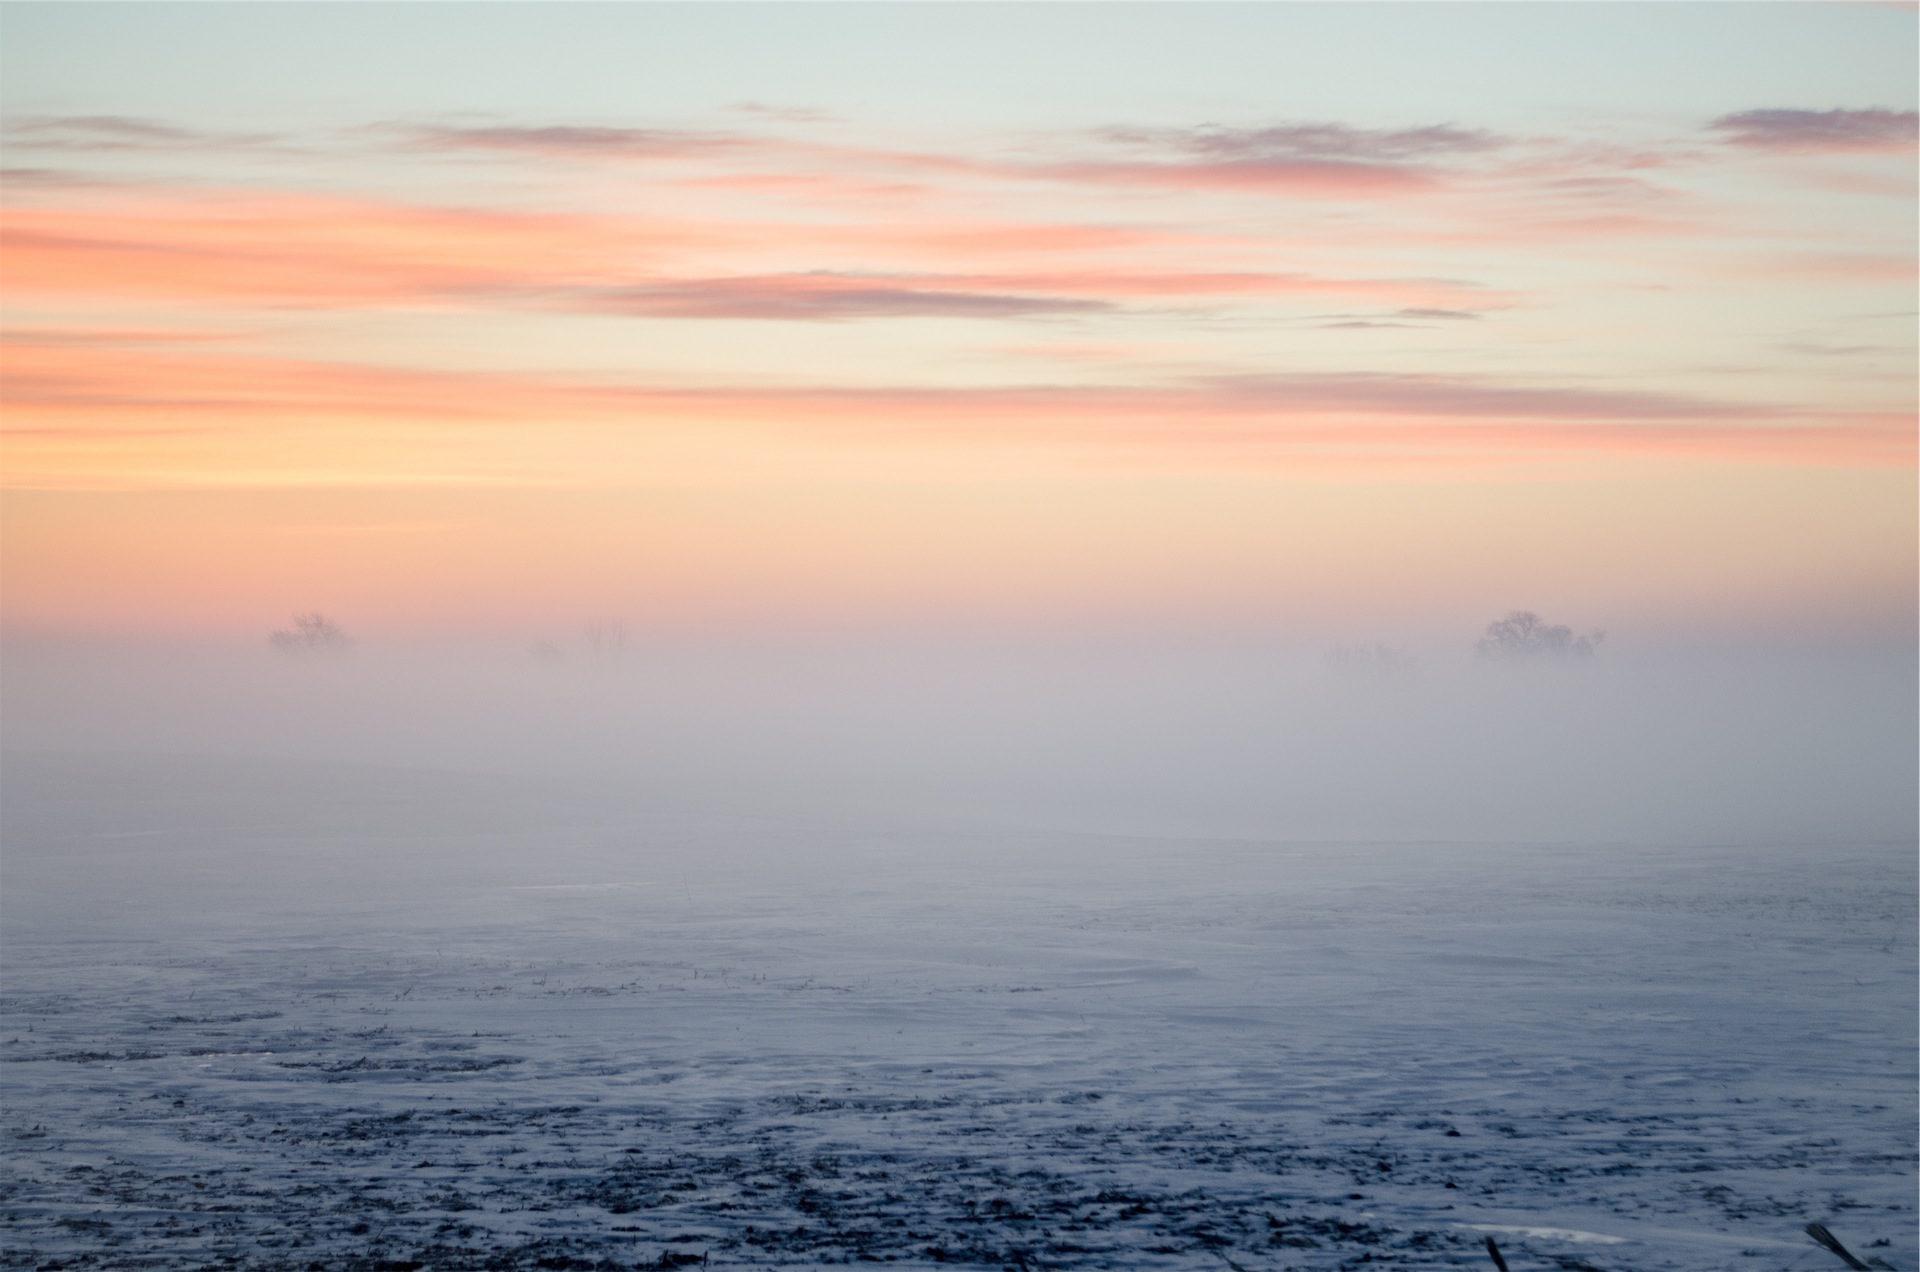 बर्फ, कोहरा, Rocio, कल, आकाश, बादल, गुलाब - HD वॉलपेपर - प्रोफेसर-falken.com